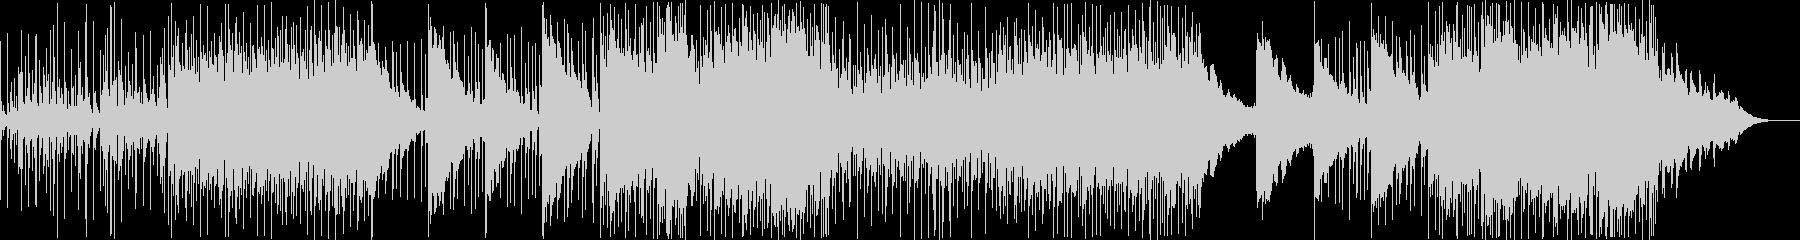 クールでミステリアスなEDM風の曲の未再生の波形